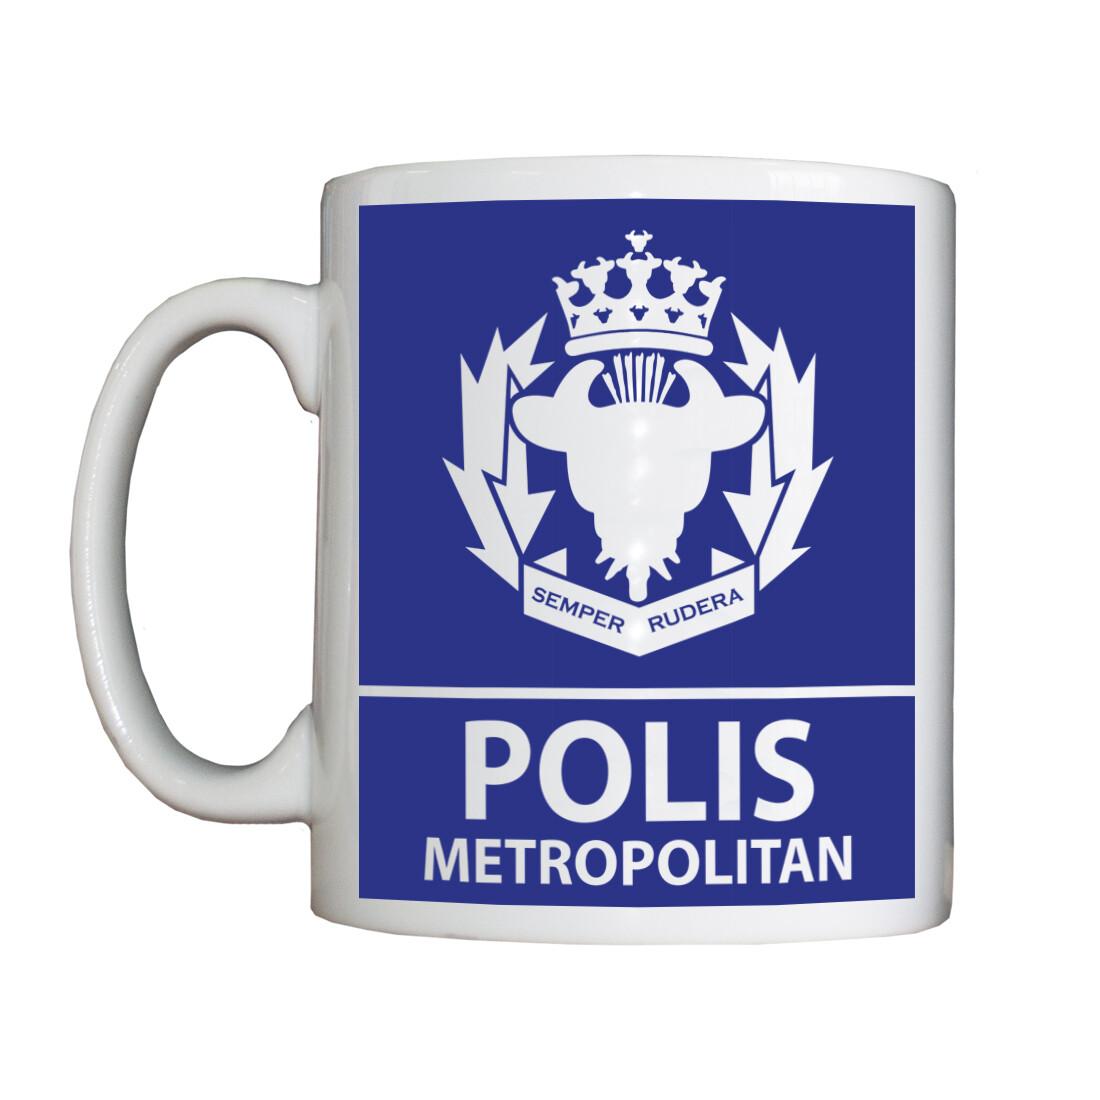 Personalised 'Polis Metropolitan' Drinking Vessel